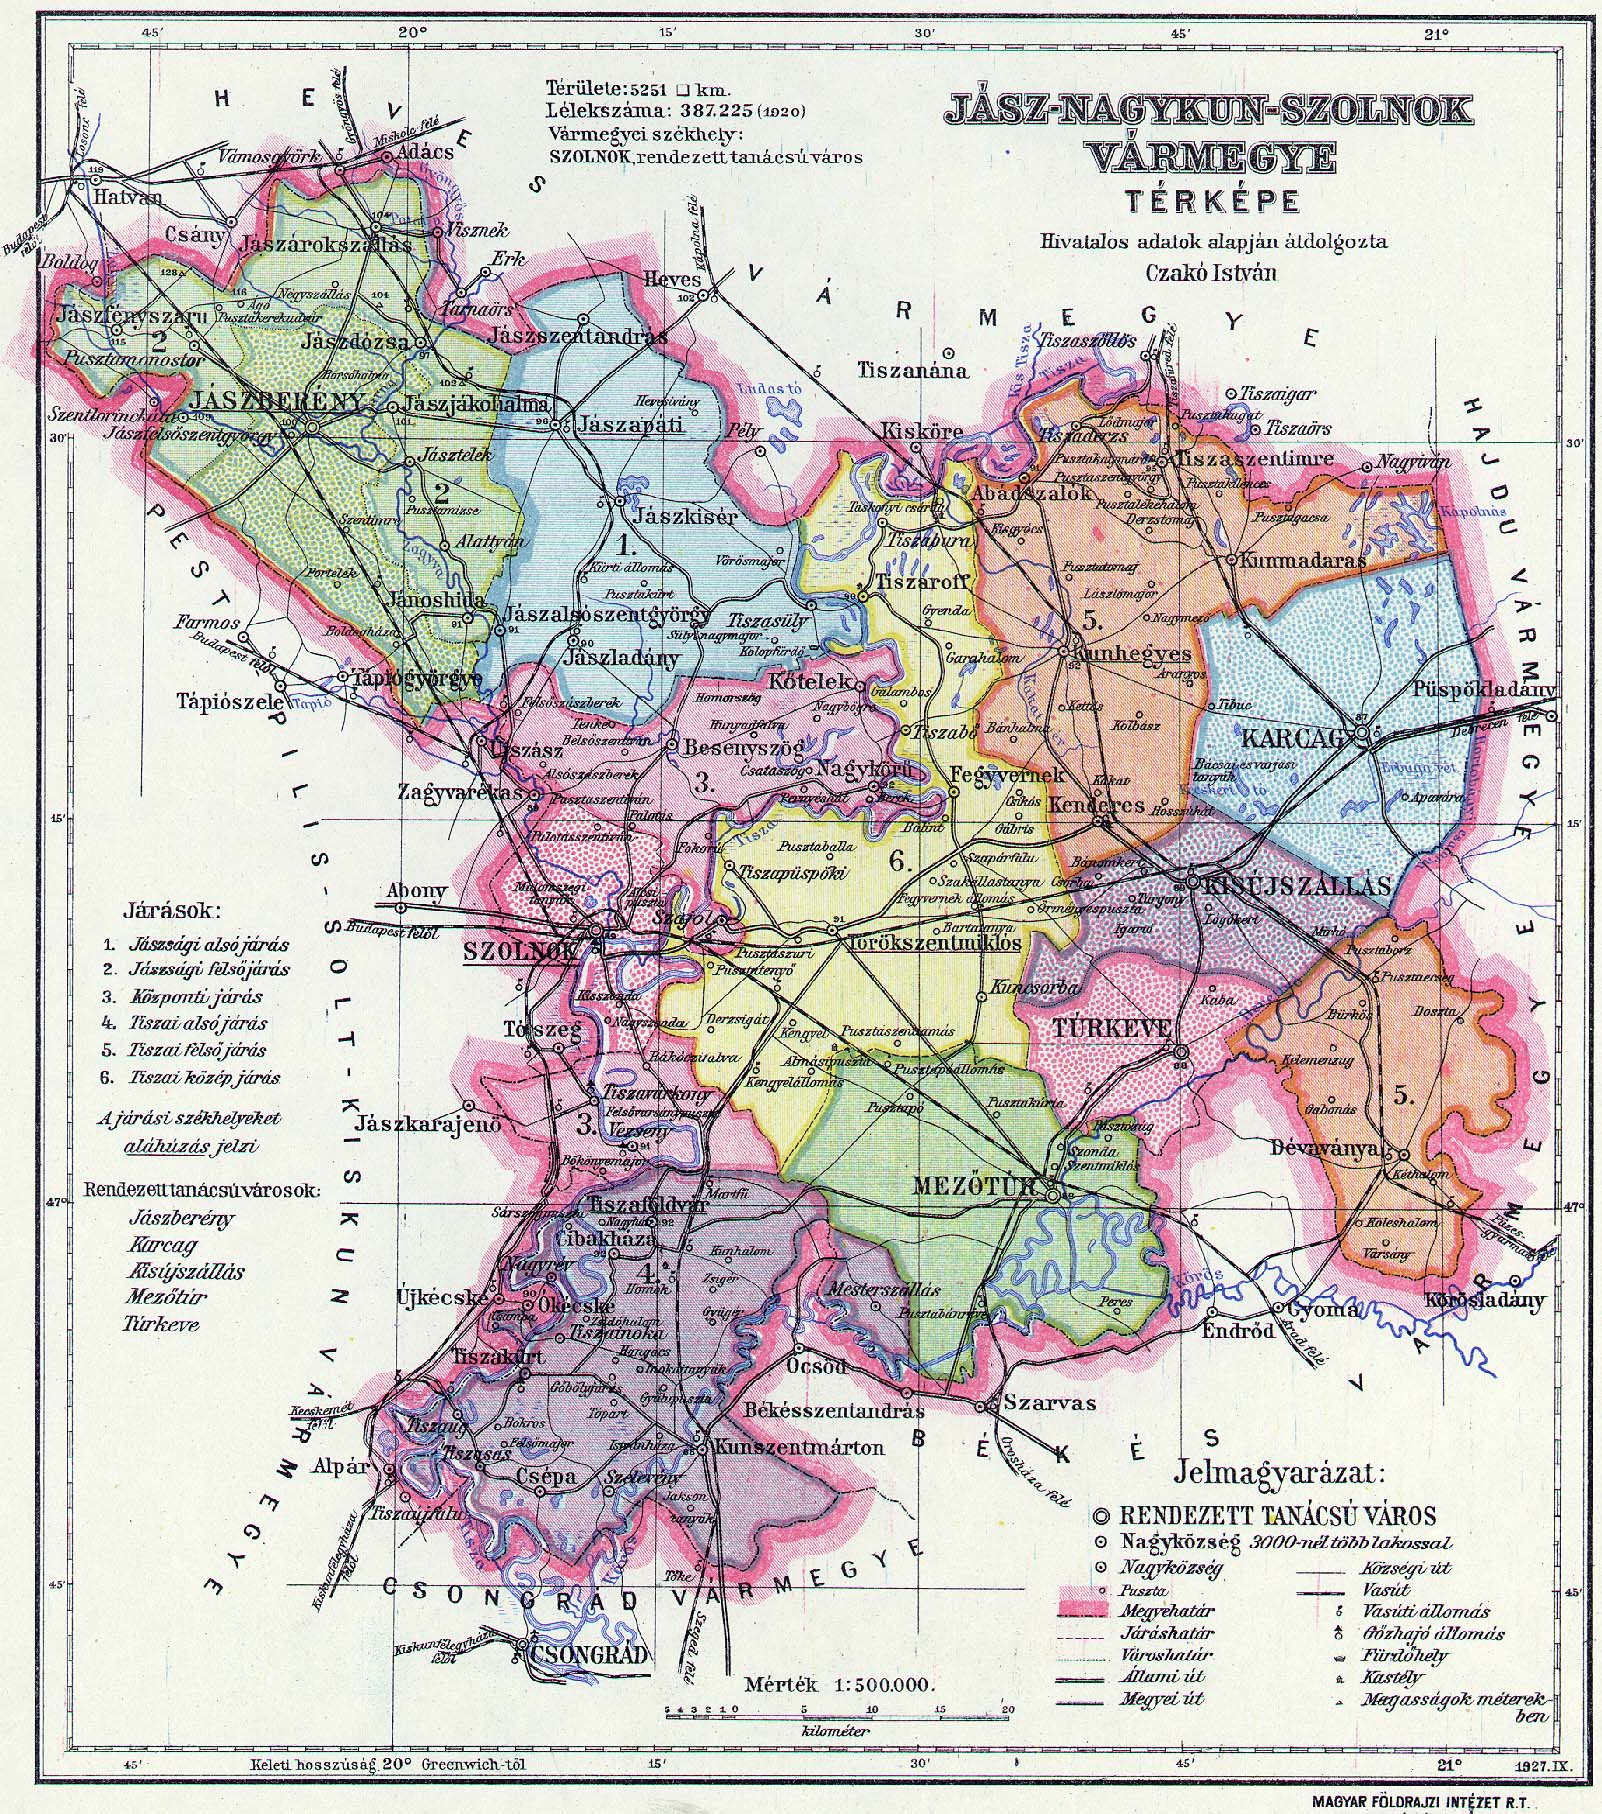 magyarország vármegyéi térkép Osztrák Magyar Monarchia varmegyei (1910) magyarország vármegyéi térkép